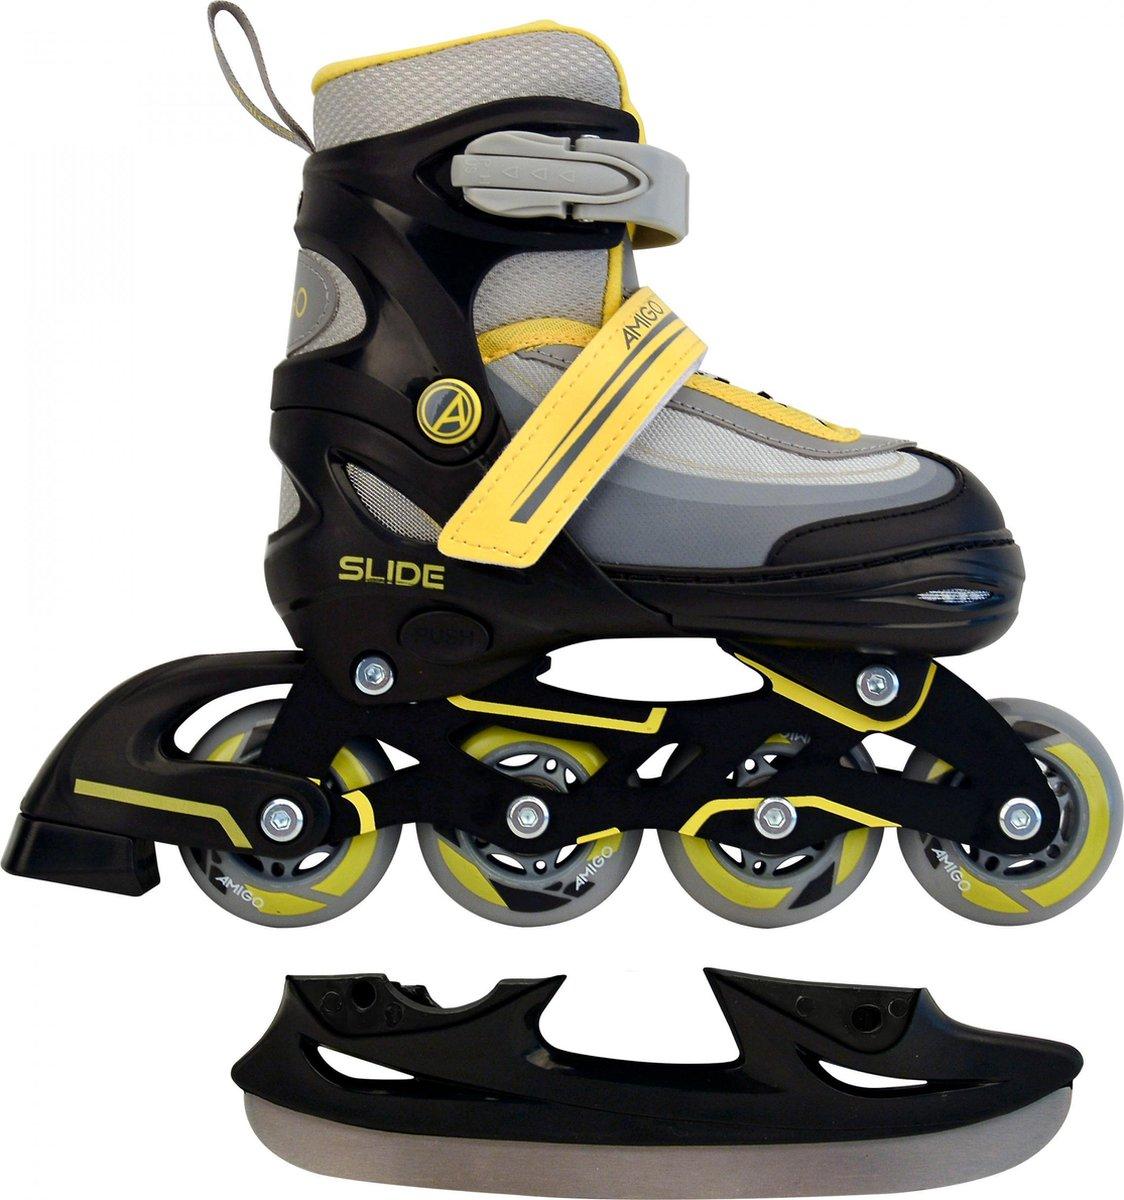 AMIGO Slide 2-in-1 skates - Voor jongens en meisjes - Zwart/Geel - Maat 34-37